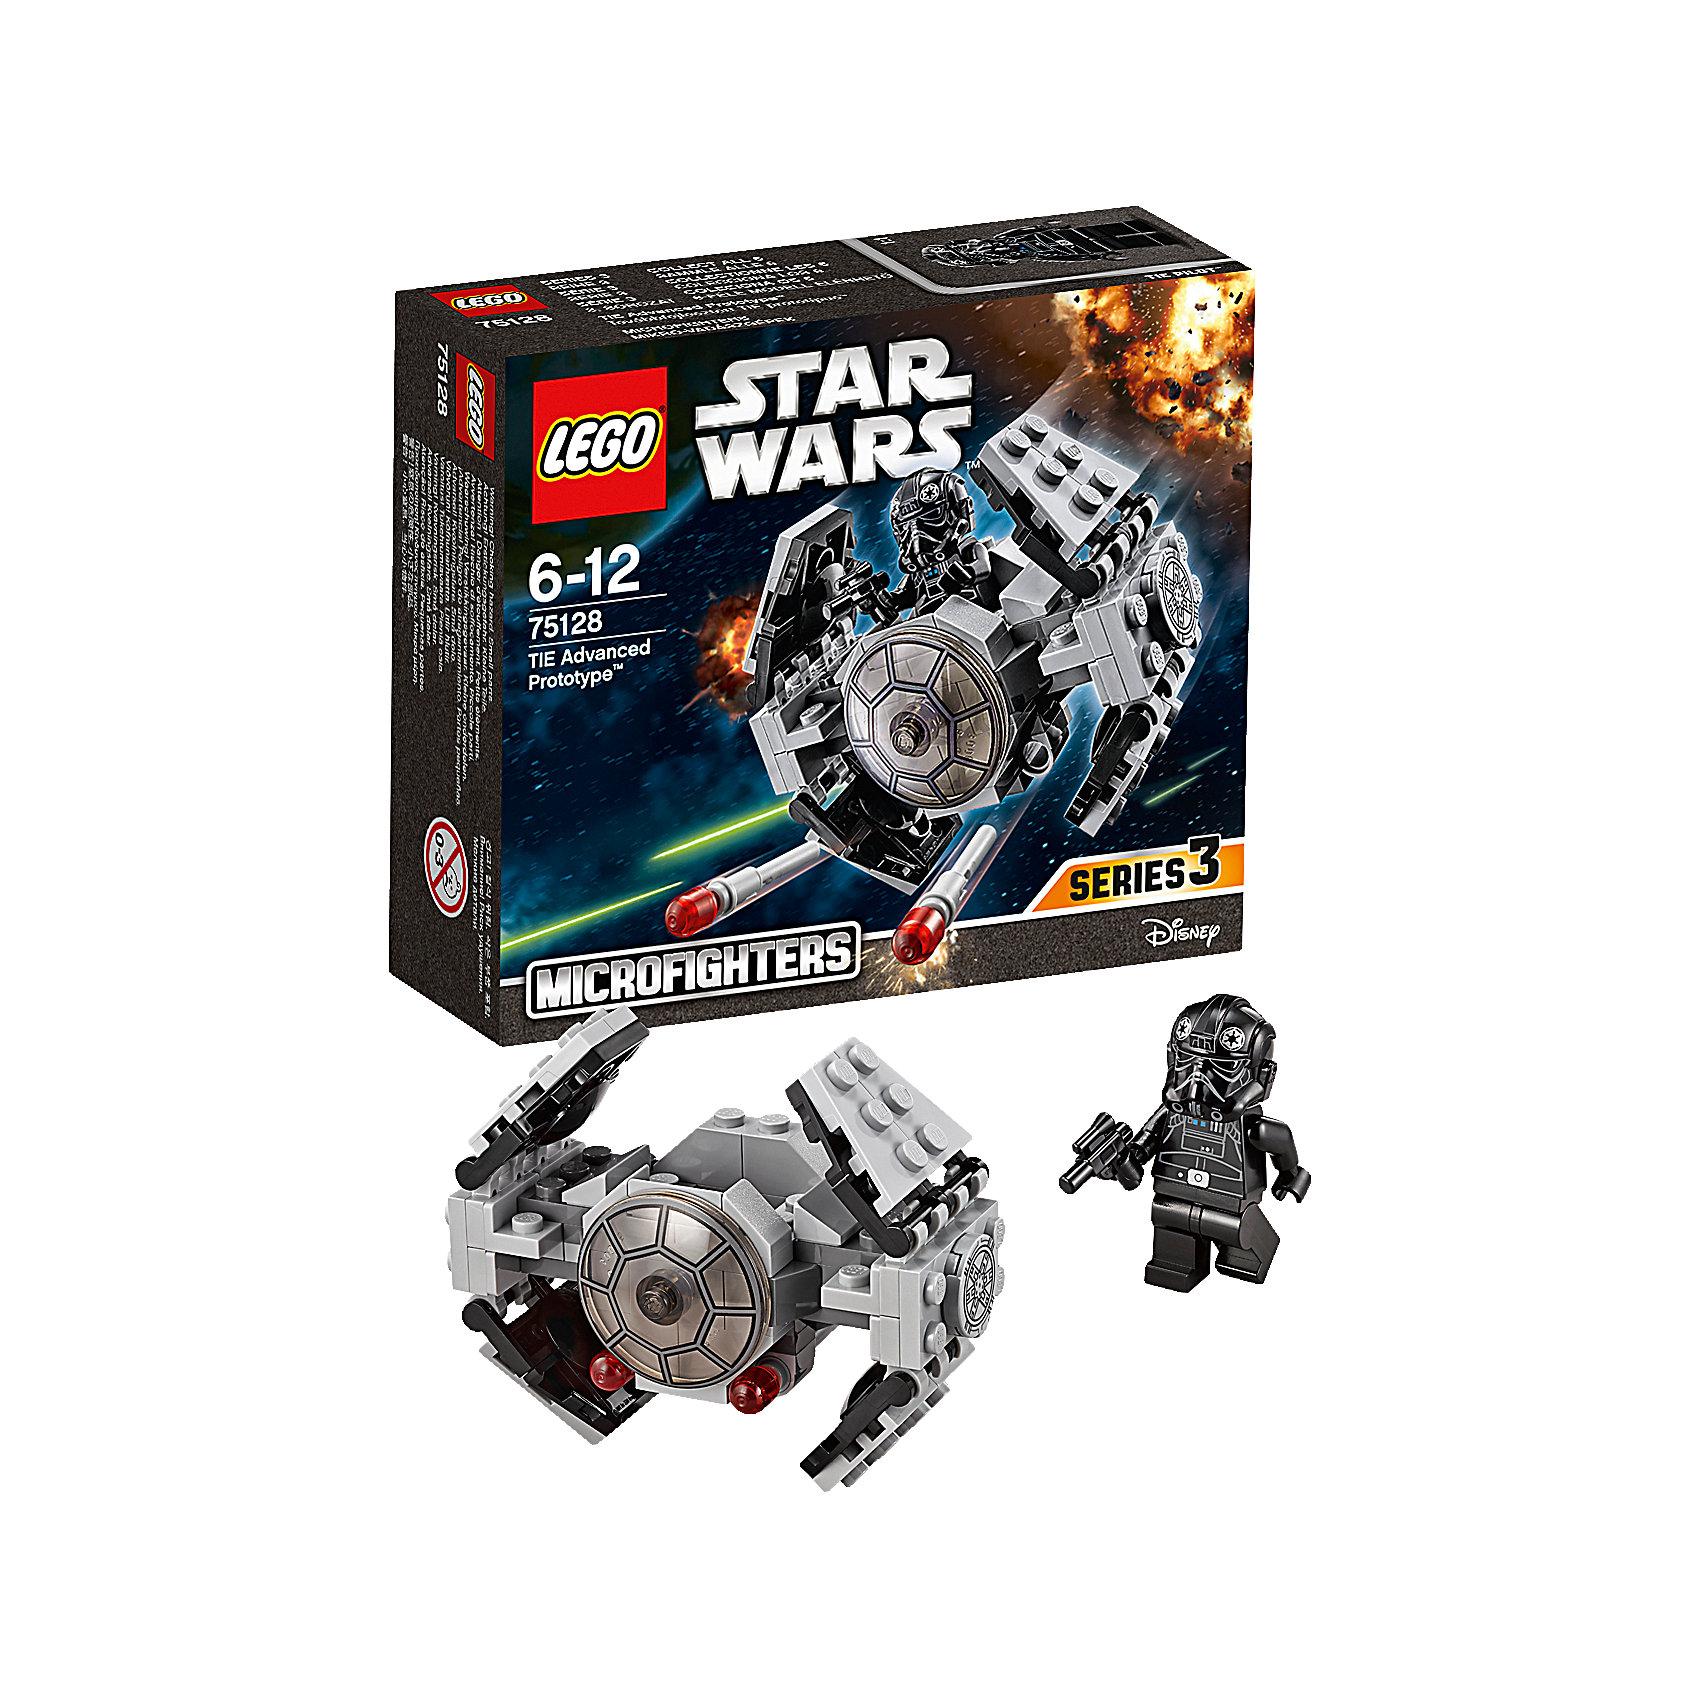 LEGO Star Wars 75128: Усовершенствованный прототип истребителя TIE™LEGO Star Wars (ЛЕГО Звездные войны) 75128: Усовершенствованный прототип истребителя TIE станет прекрасным подарком для всех поклонников знаменитой киносаги. Останови повстанцев с помощью усовершенствованного прототипа истребителя TIE, разверни крылья и заряди ракеты! Посади пилота в кабину и приготовься к захватывающему путешествию по галактике. Модель ЛЕГО прекрасно детализирована, состоит из серых и черных деталей. Спереди на носу корабля прозрачное стекло, две пушки выстреливают ракетками при щелчке. Крылья истребителя могут менять форму, раскрываясь и складываясь. Внутрь корабля можно посадить входящую в комплект минифурку пилота.<br><br>Все конструкторы серии ЛЕГО Звездные войны созданы по мотивам знаменитой киносаги Звездные войны и воспроизводят самые популярные сюжеты и эпизоды фильма. В наборах представлены все основные средства вооружения и боевые единицы, задействованные в фильме.<br>Фантастические истребители, машины, роботы, оружие, фигурки персонажей выполнены очень реалистично, с высокой степенью детализации.<br><br>Дополнительная информация:<br><br>- Игра с конструктором LEGO (ЛЕГО) развивает мелкую моторику ребенка, фантазию и воображение, учит его усидчивости и внимательности.<br>- Количество деталей: 93.<br>- Количество минифигур: 1.<br>- Серия: LEGO Star Wars (ЛЕГО Звездные войны).<br>- Материал: пластик.<br>- Размеры модели при поднятых крыльях: 7 х 5 х 8 см.<br>- Размер упаковки: 14,5 х 5 х 12,5 см.<br>- Вес: 0,115 кг.<br><br>Конструктор LEGO Star Wars (ЛЕГО Звездные войны) 75128: Усовершенствованный прототип истребителя TIE можно купить в нашем интернет-магазине.<br><br>Ширина мм: 145<br>Глубина мм: 121<br>Высота мм: 48<br>Вес г: 99<br>Возраст от месяцев: 72<br>Возраст до месяцев: 144<br>Пол: Мужской<br>Возраст: Детский<br>SKU: 4259013